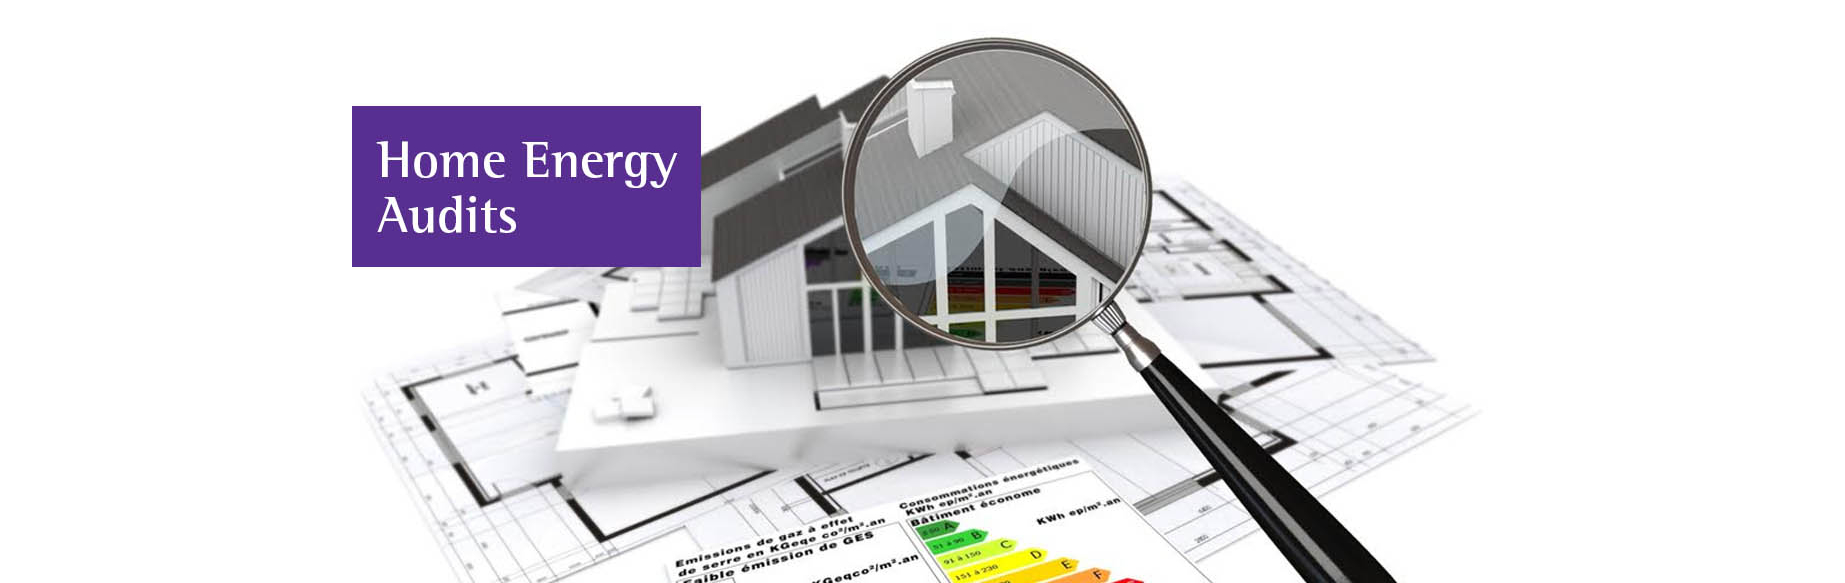 slider_home_energy